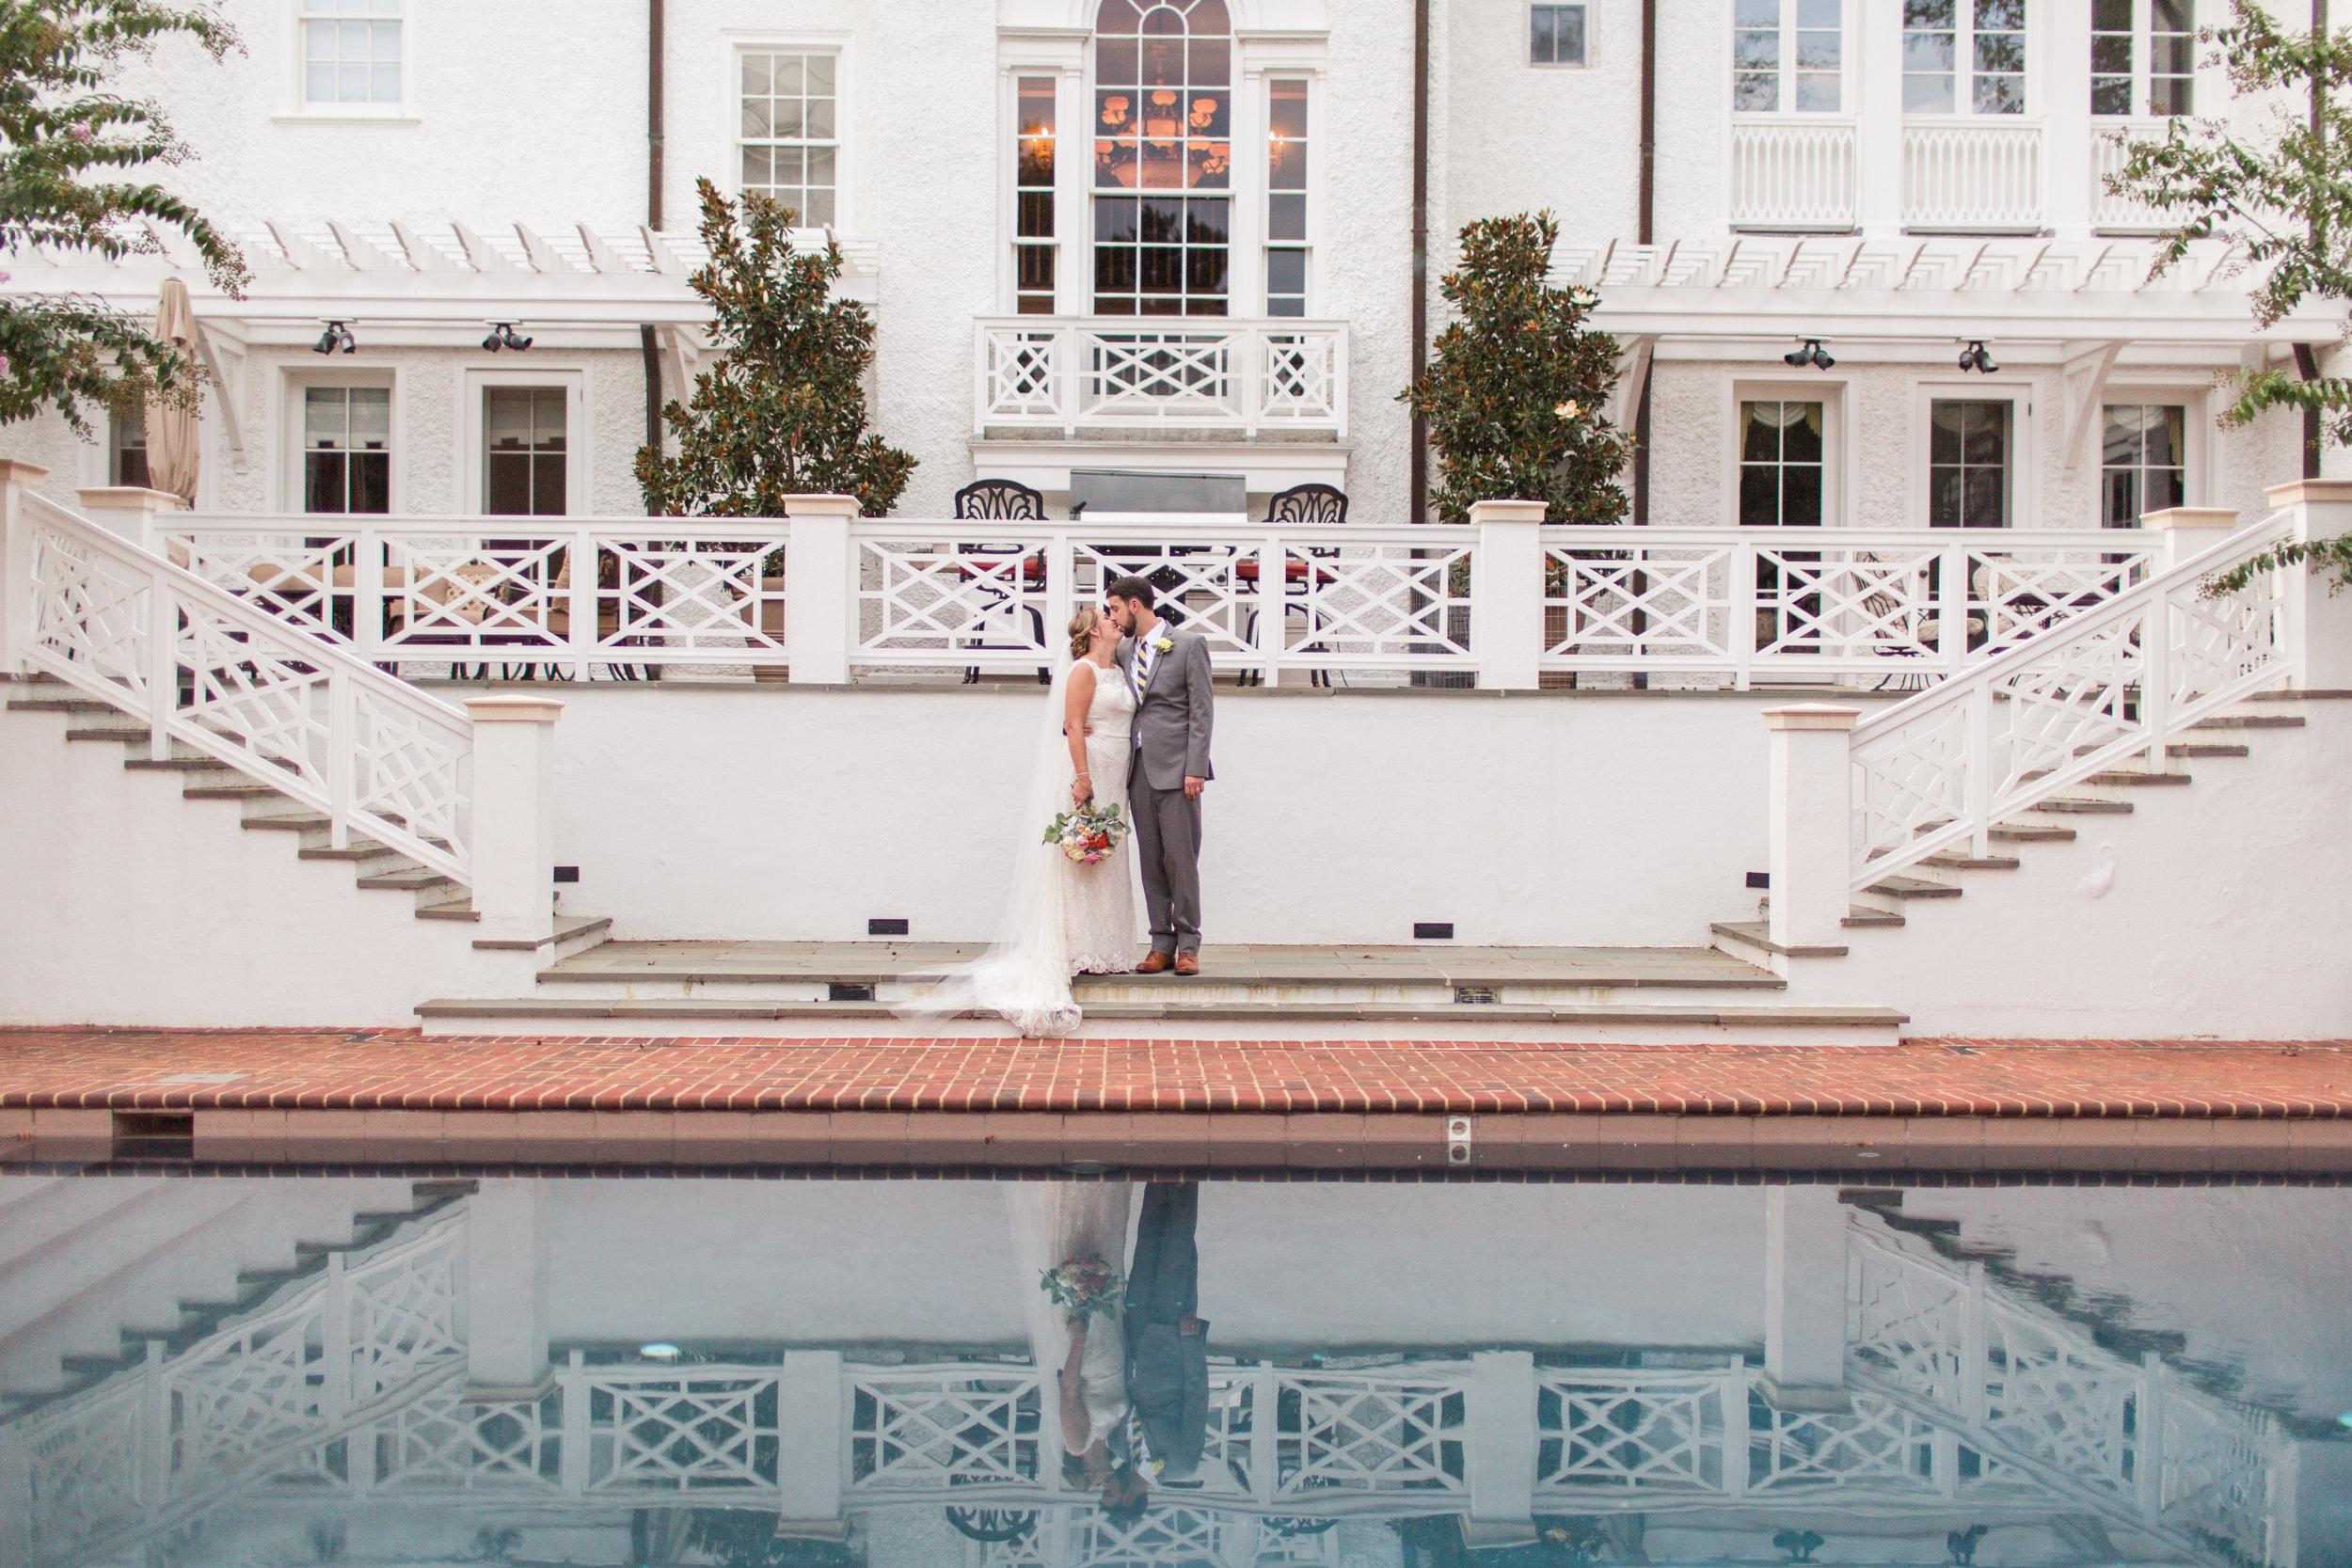 Lynchburg Virginia Wedding Photographer || Central Virginia Wedding Photos || Keswick Vineyard Wedding|| Ashley Eiban Photography || www.ashleyeiban.com